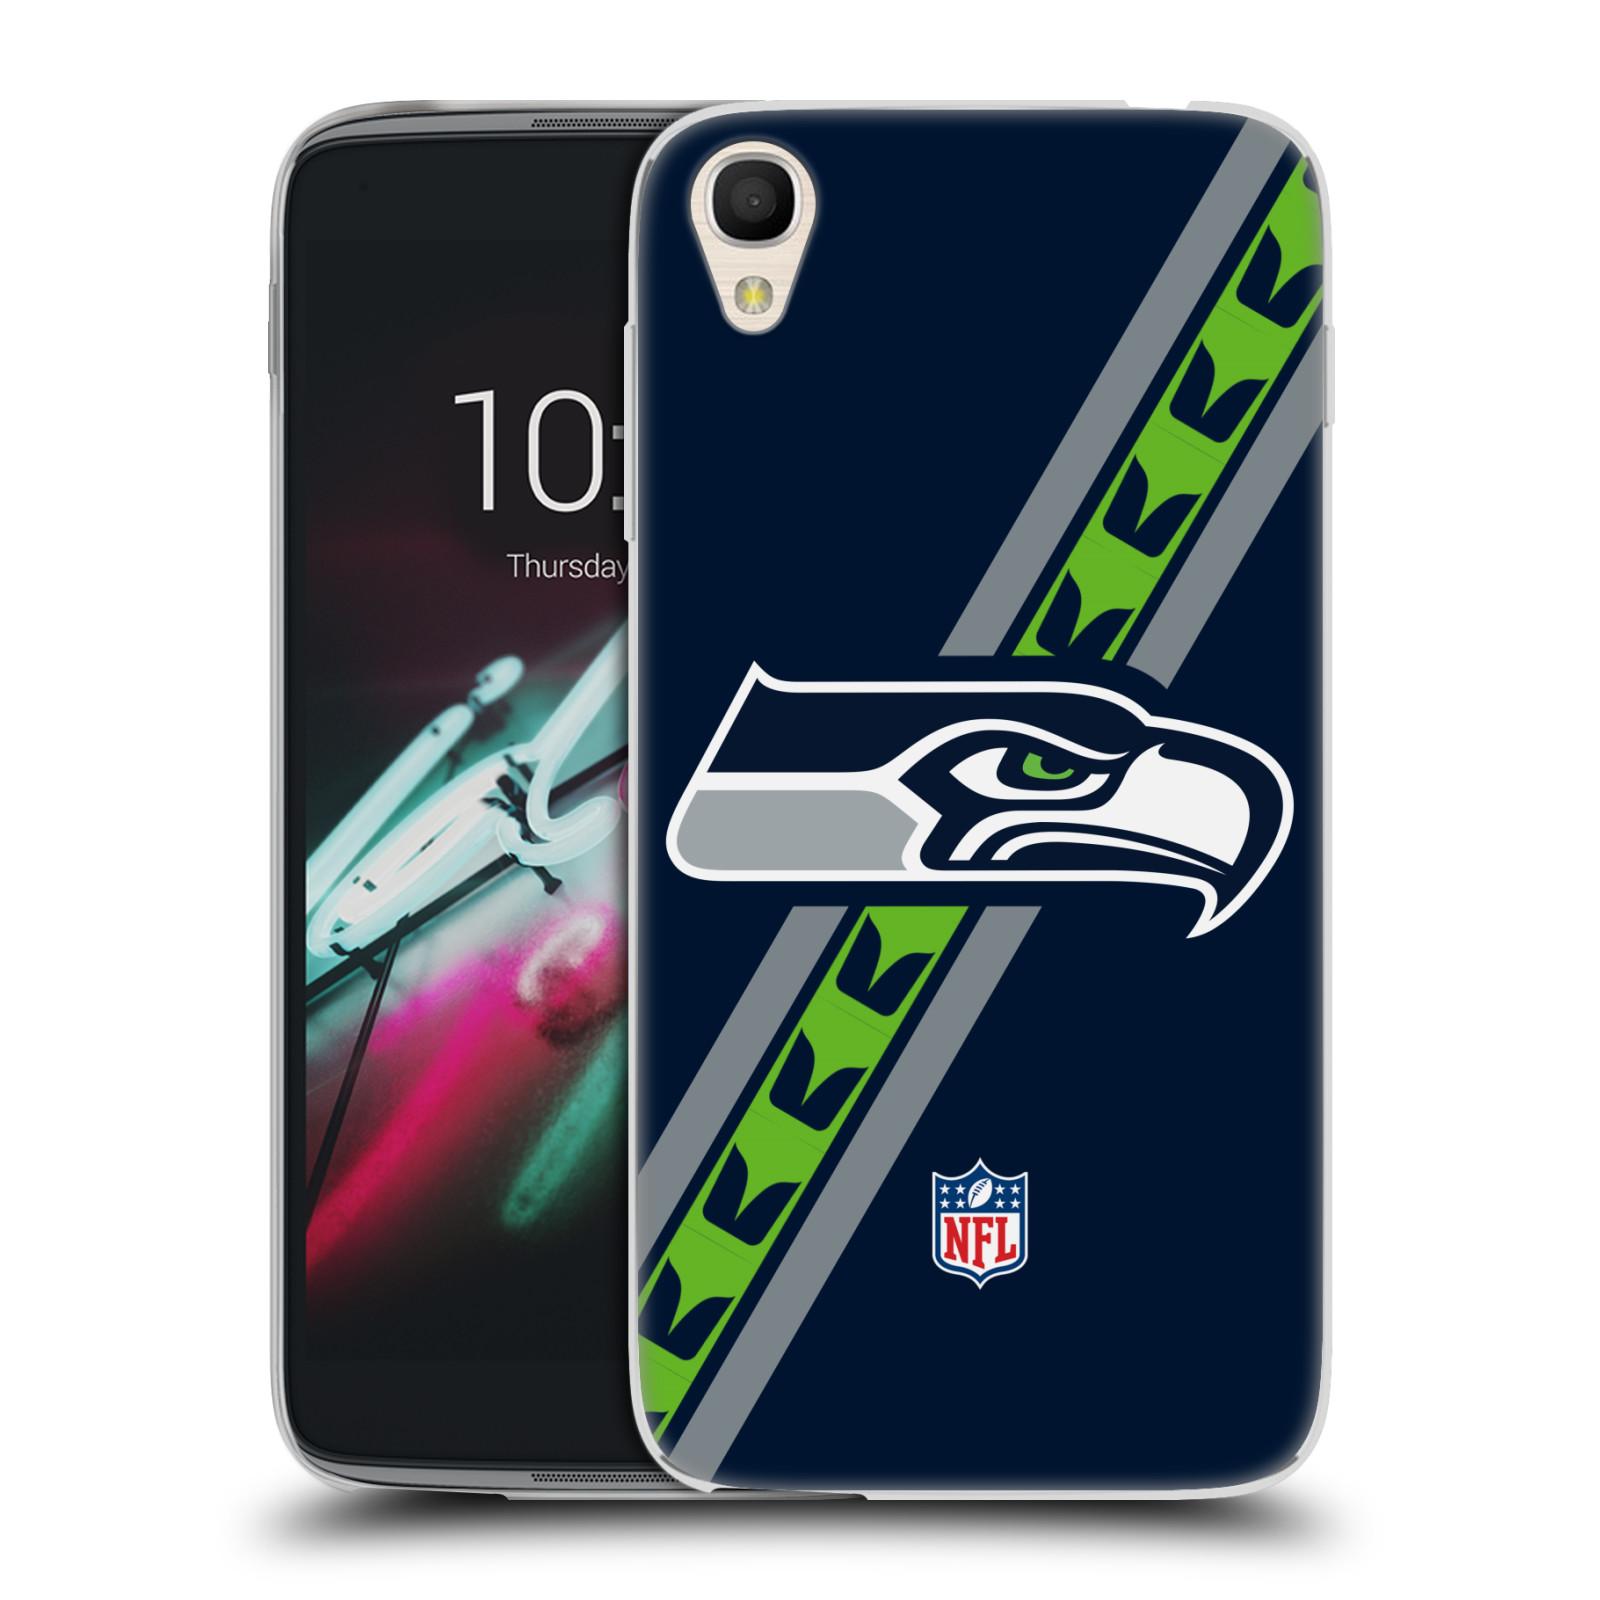 """Silikonové pouzdro na mobil Alcatel One Touch 6039Y Idol 3 HEAD CASE NFL - Seattle Seahawks (Silikonový kryt či obal na mobilní telefon licencovaným motivem NFL pro Alcatel One Touch Idol 3 OT-6039Y s 4,7"""" displejem)"""